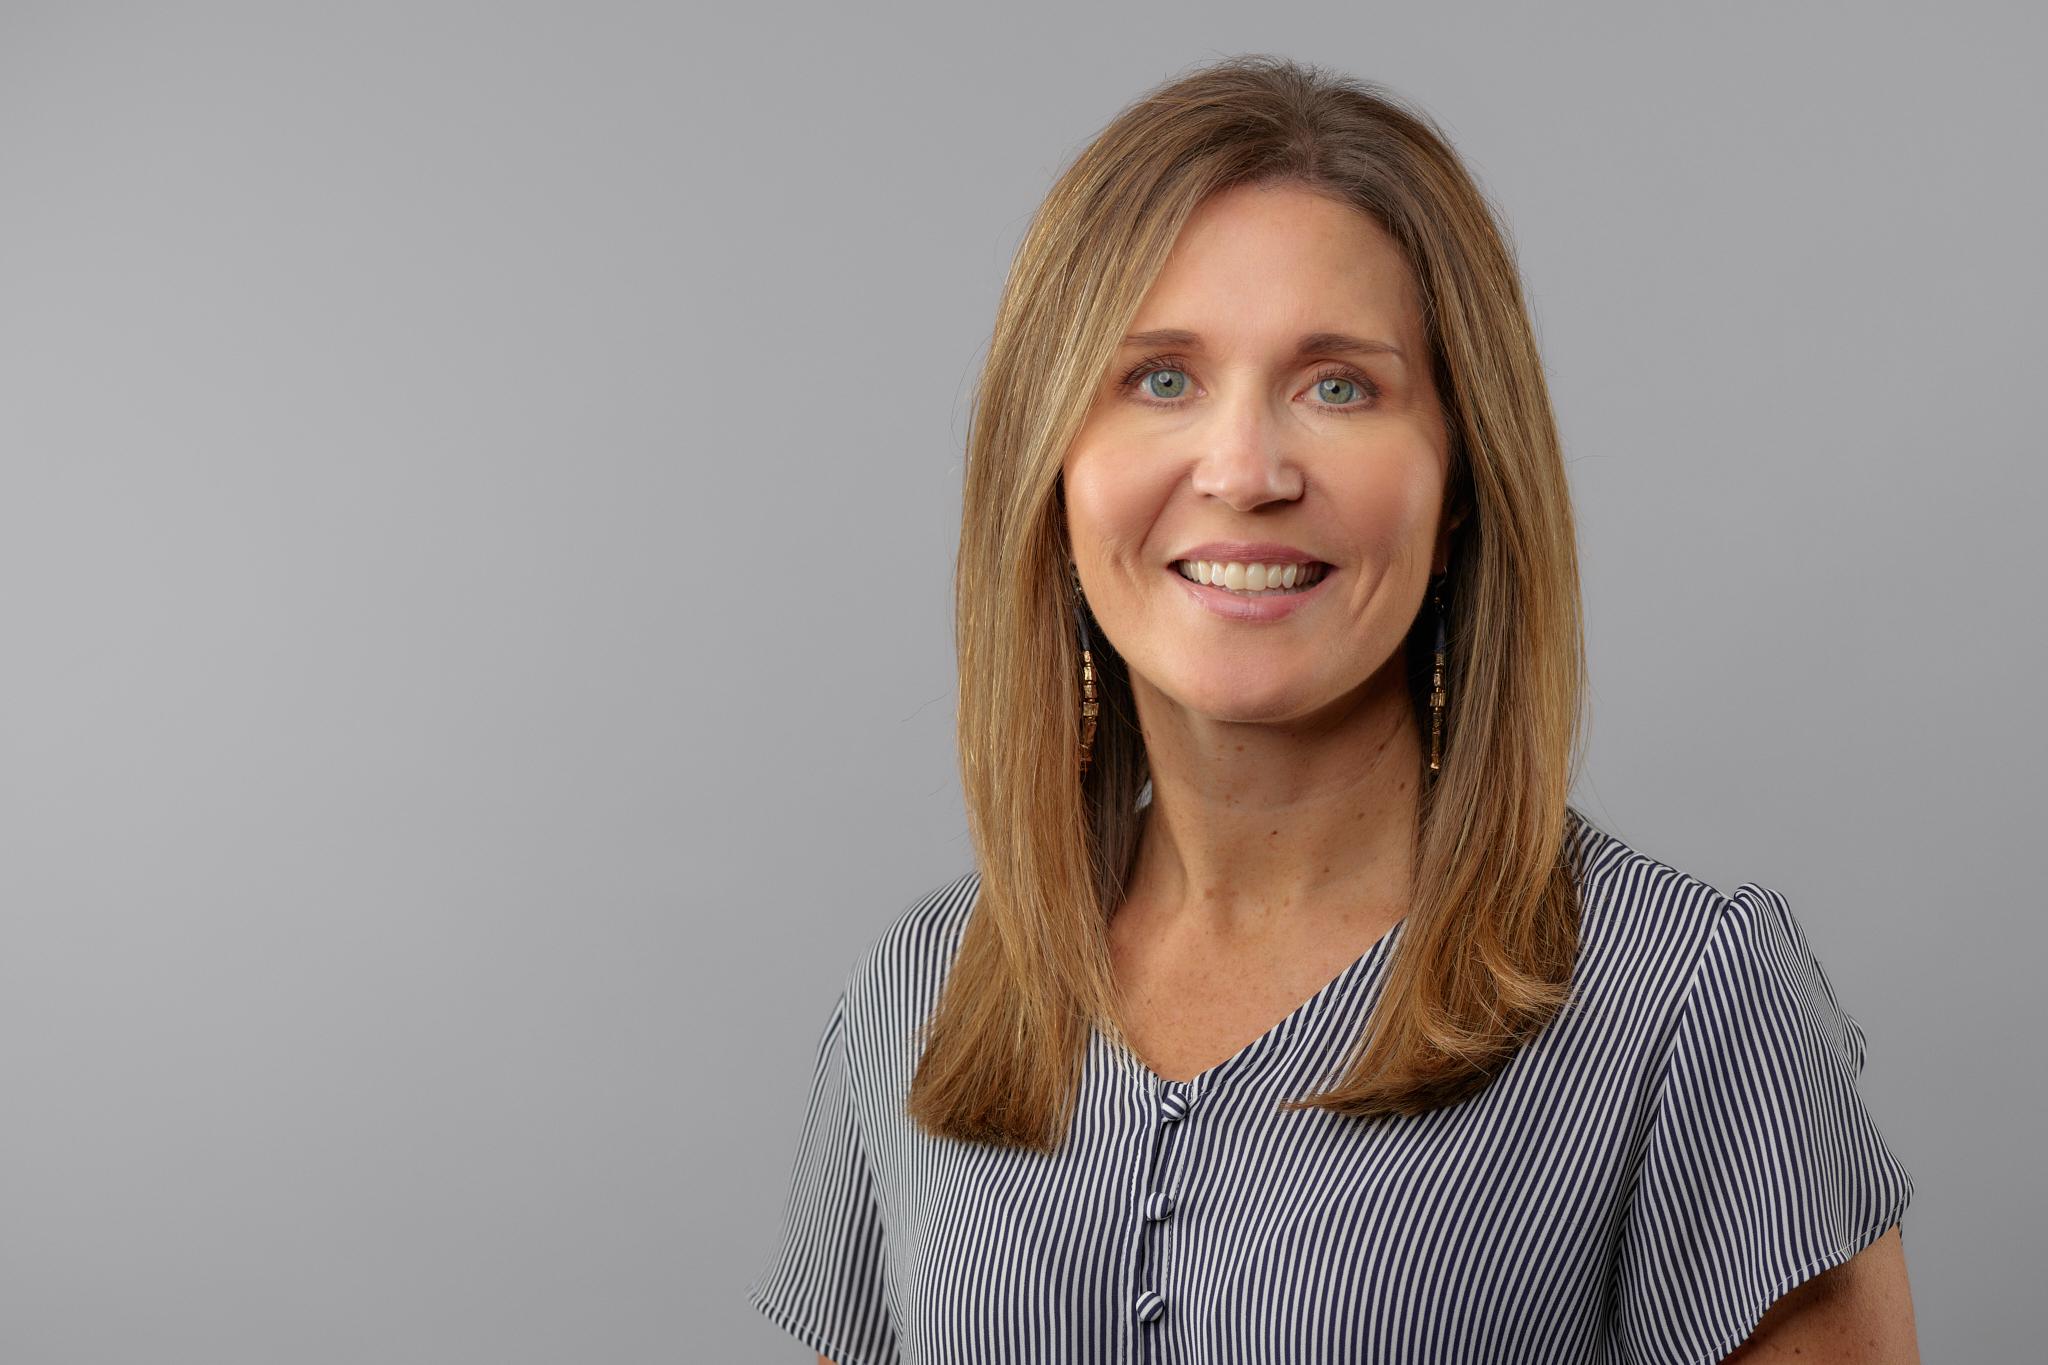 Kristi Moore